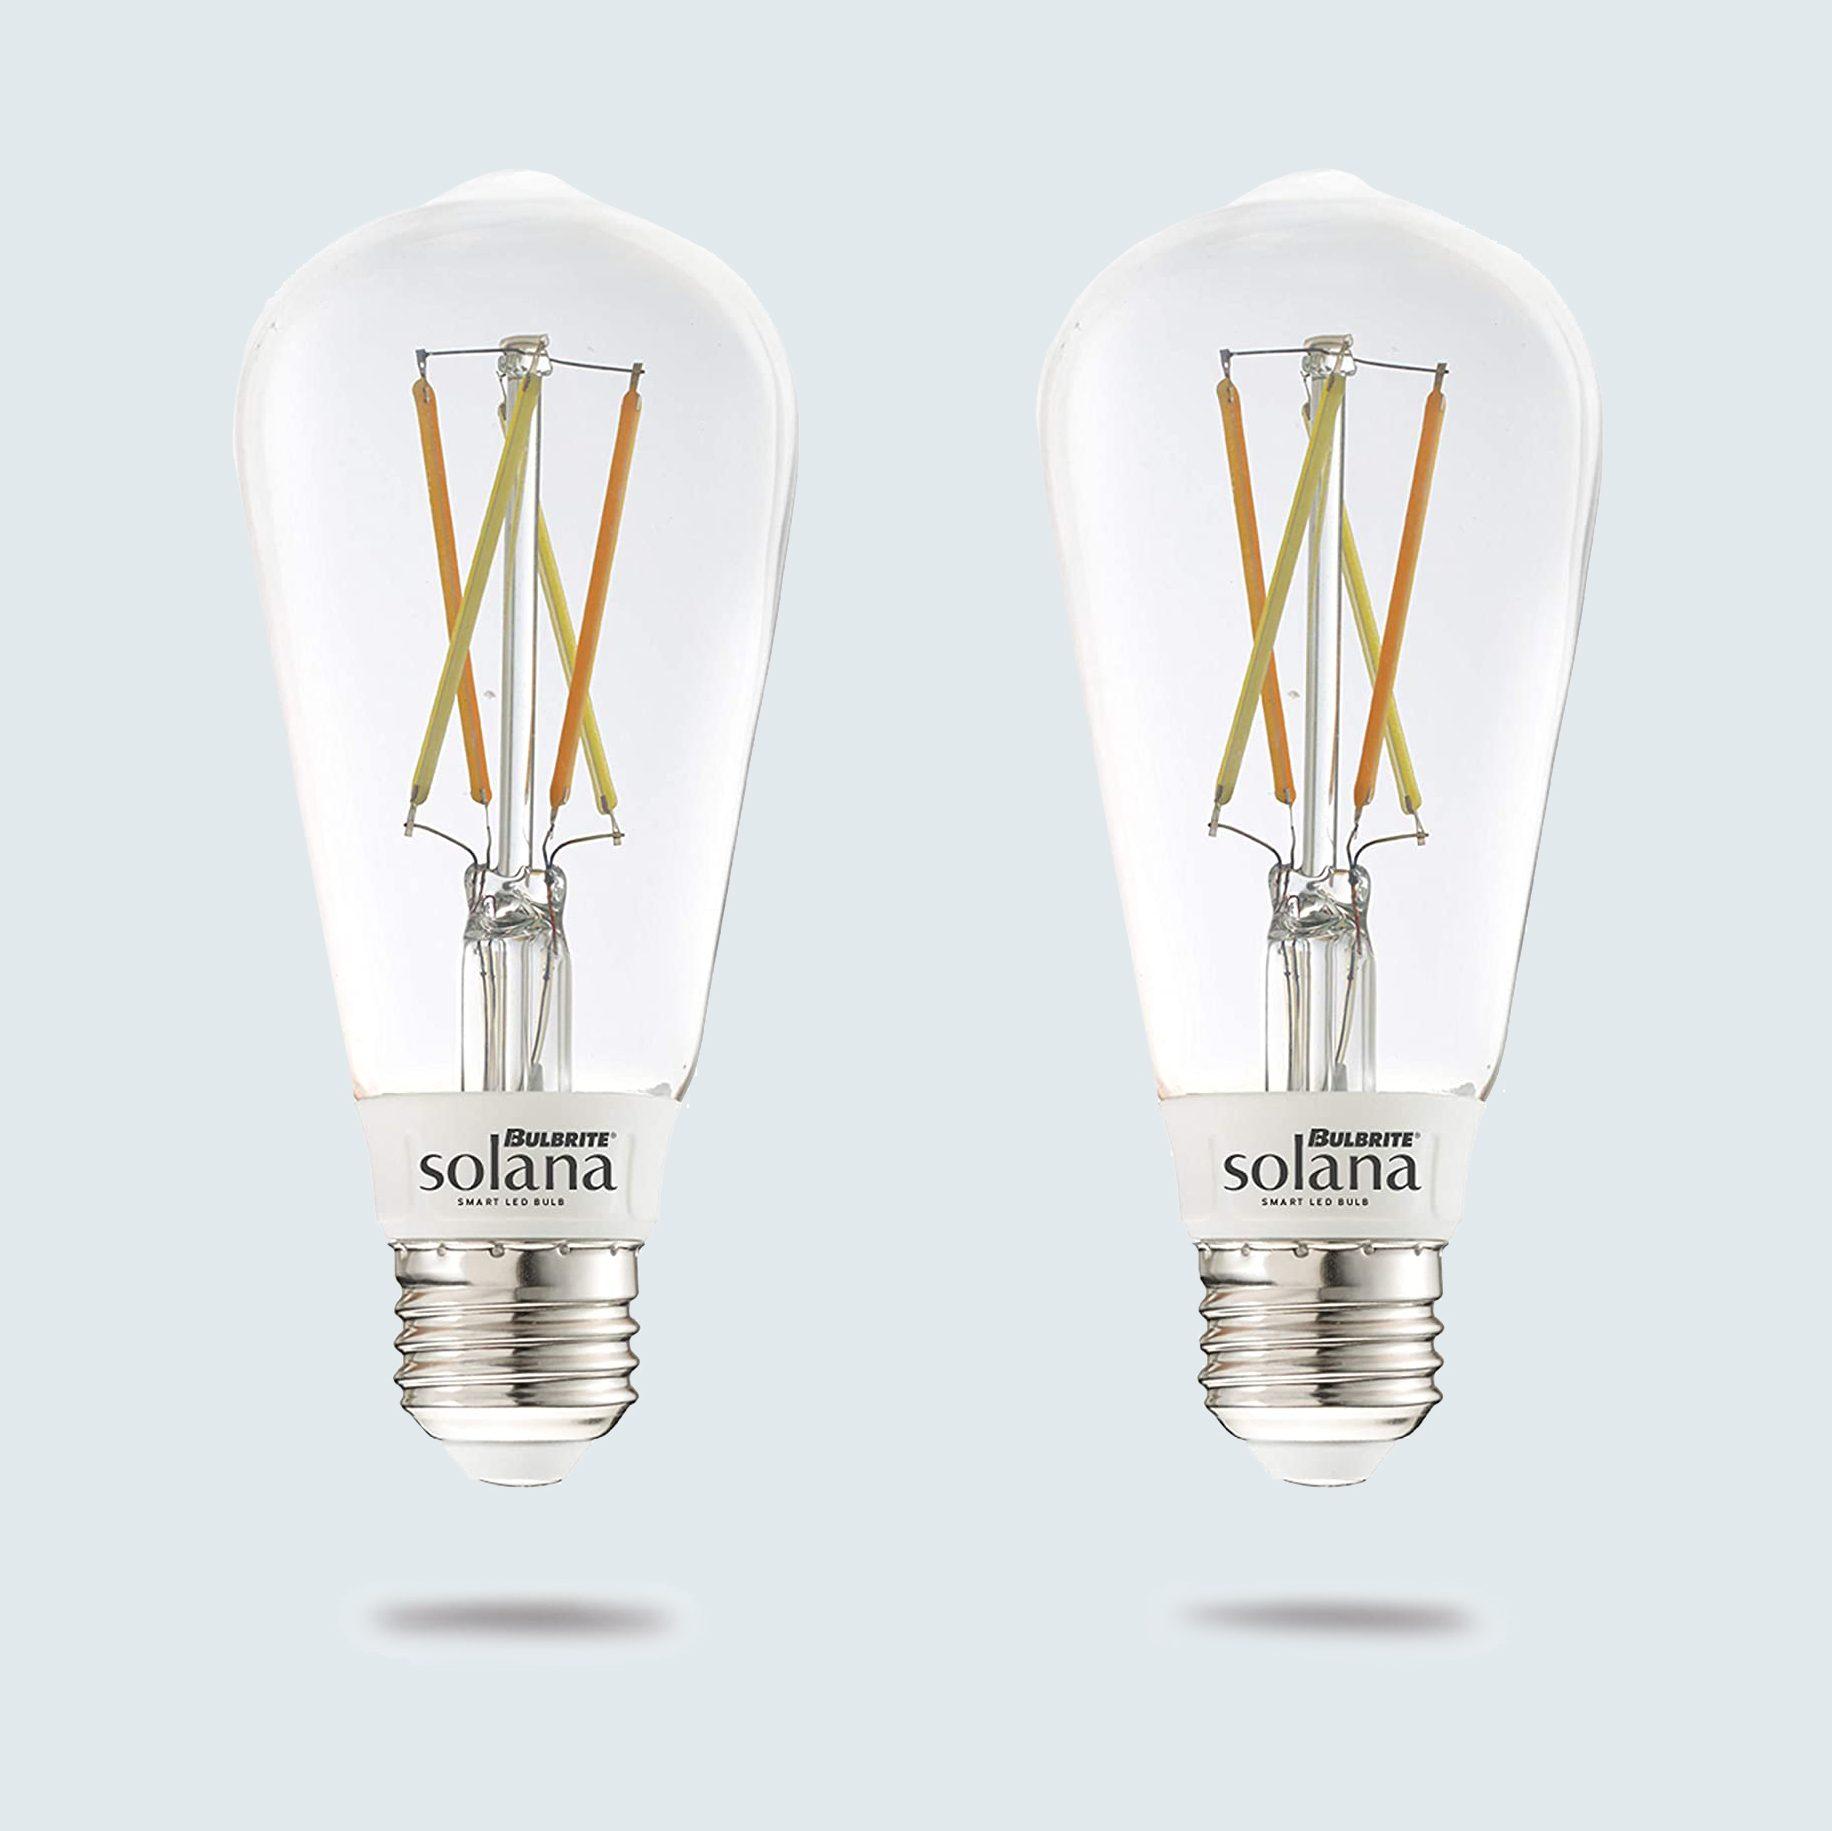 Bulbrite Solana Wifi Edison Filament LED Smart Bulbs